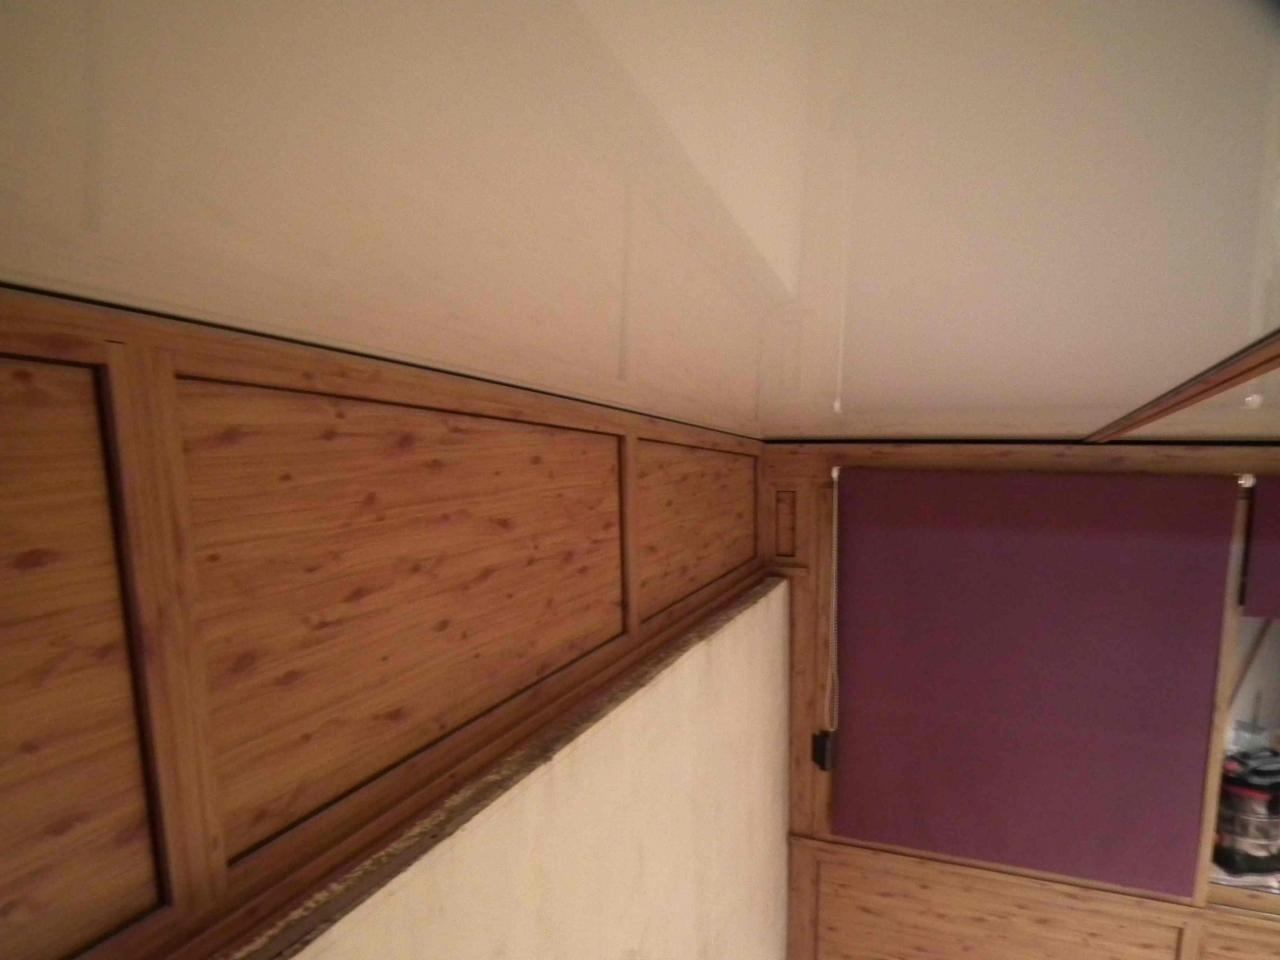 quel mat riau pour isolation d 39 un mur en parpaing d 39 une v randa. Black Bedroom Furniture Sets. Home Design Ideas